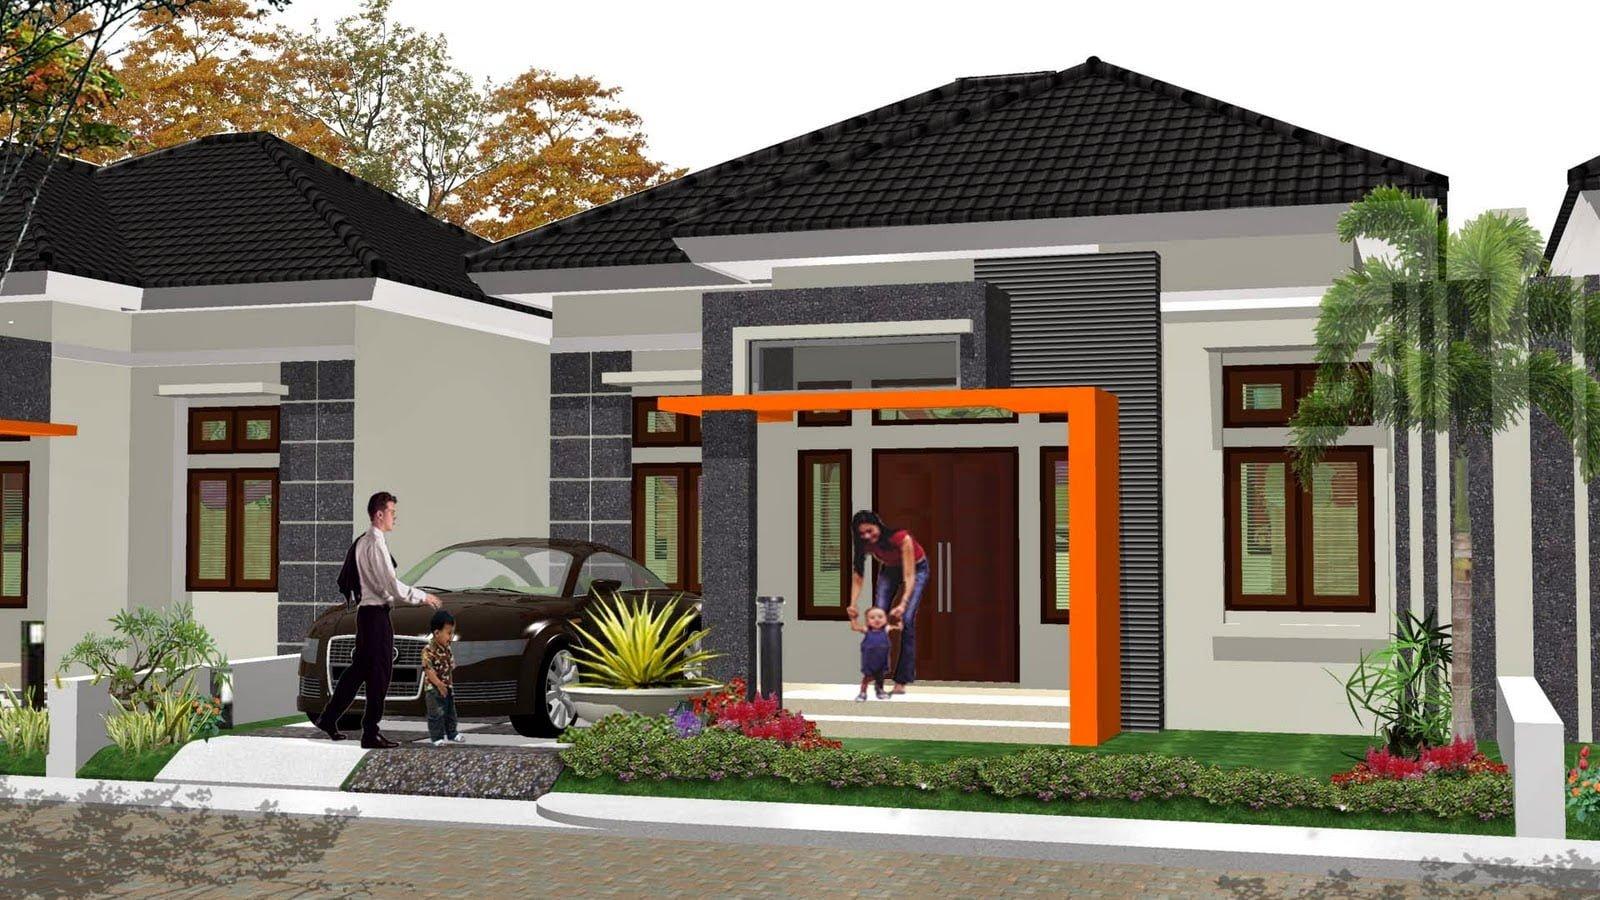 30 Ide Desain Rumah Minimalis 2019 Satu Lantai Kreatif ...